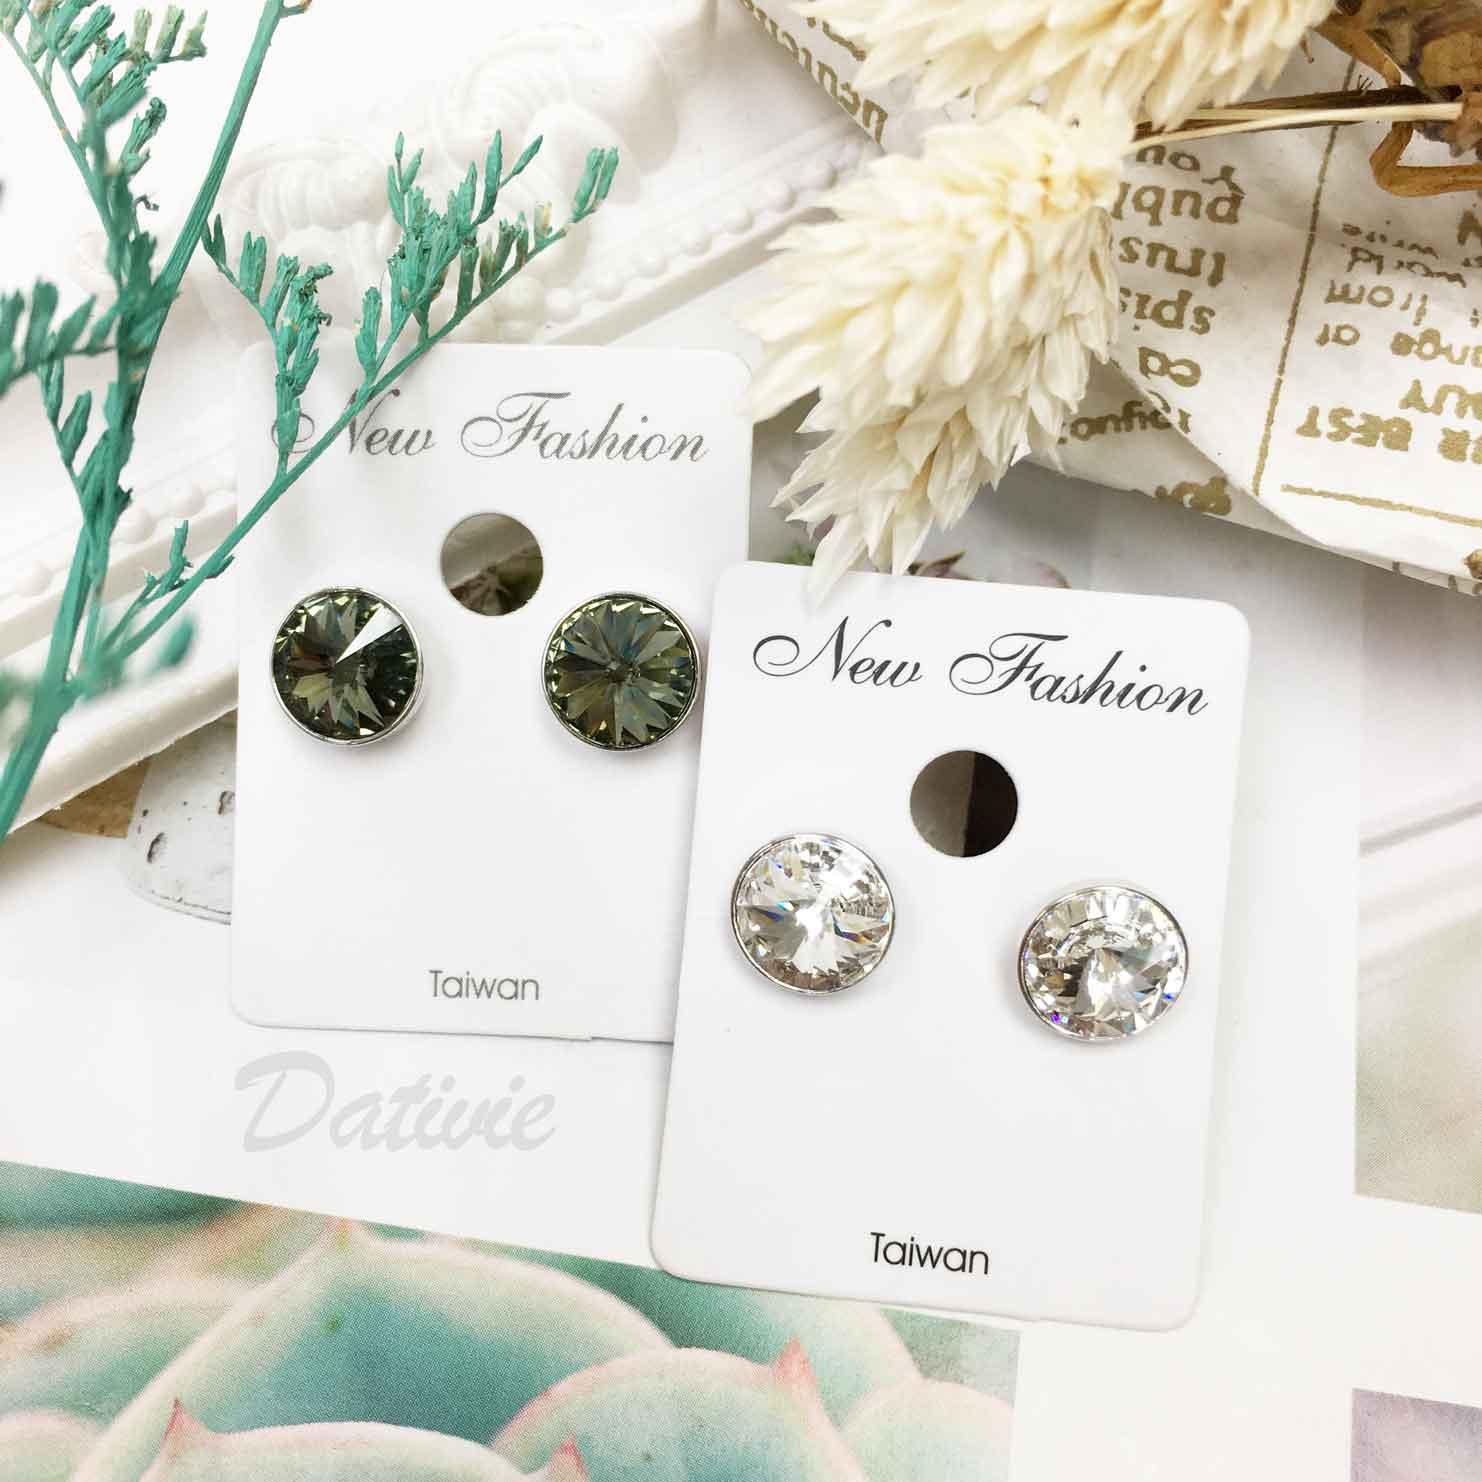 水鑽 閃耀單鑽 簡約百搭款 2色 精緻耳針式耳環